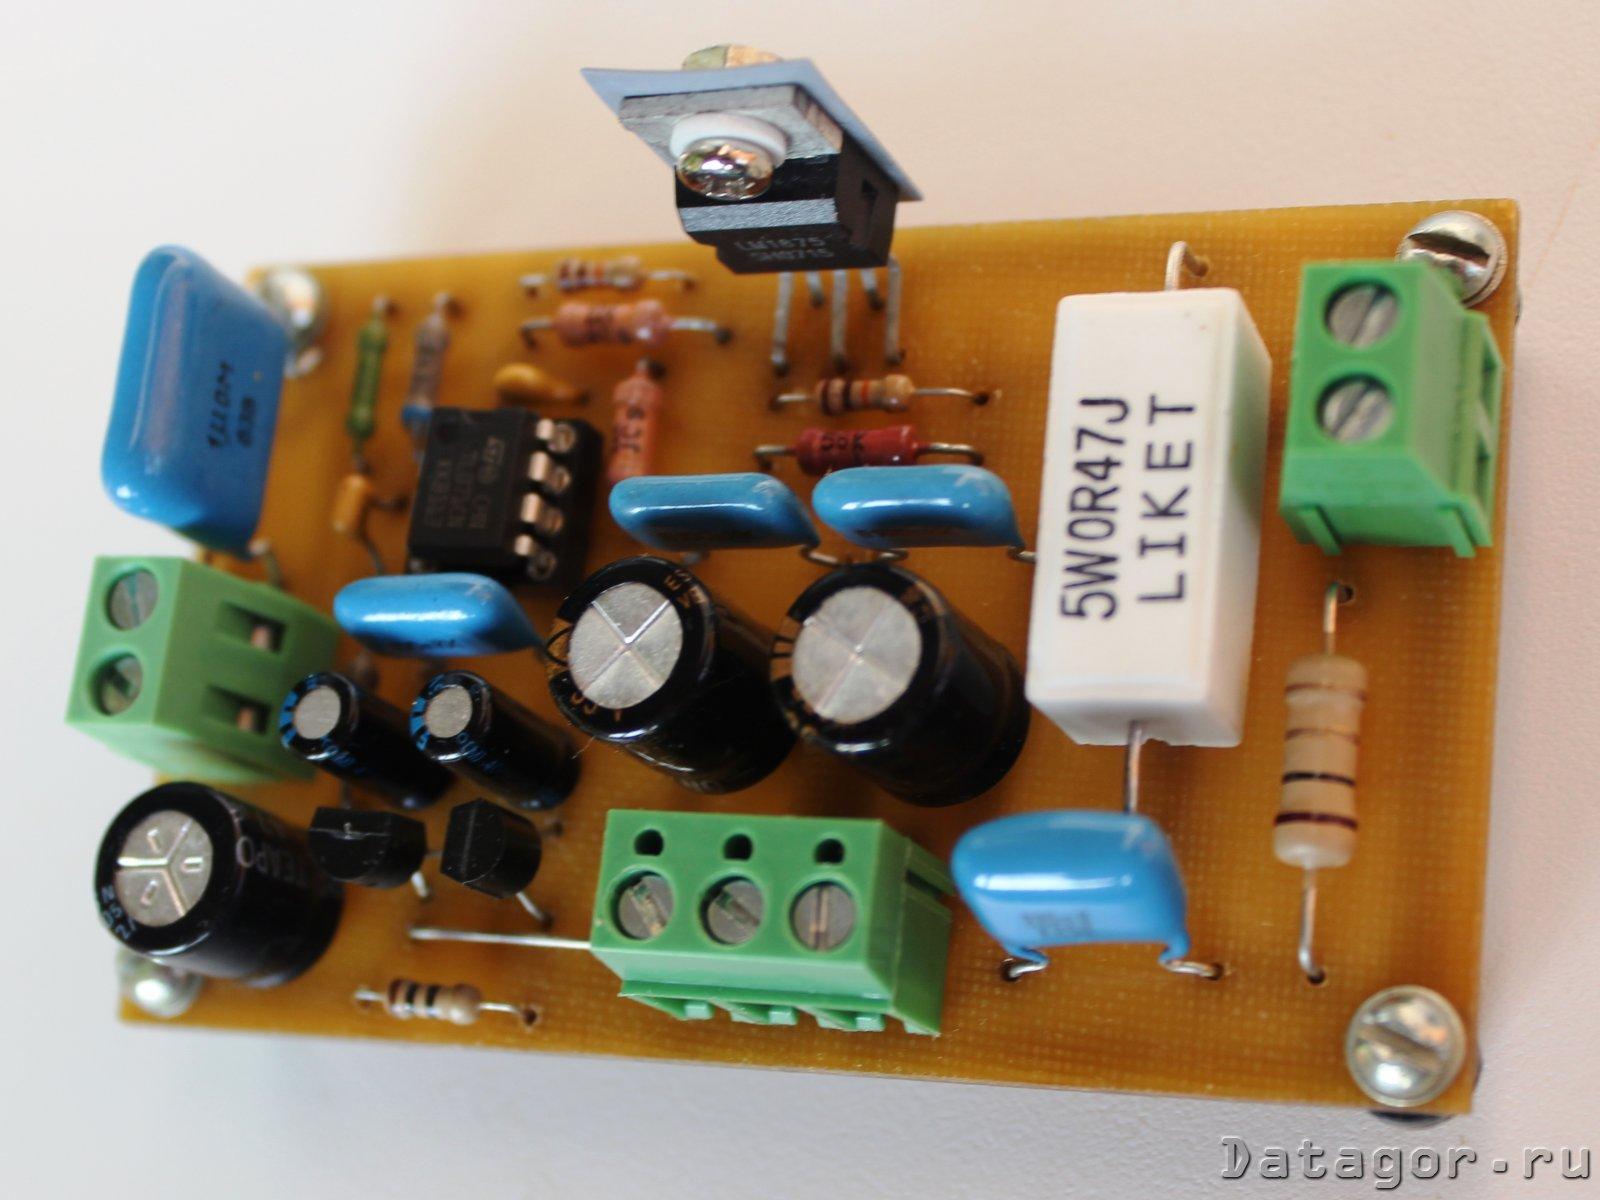 схема умзч на tda7294